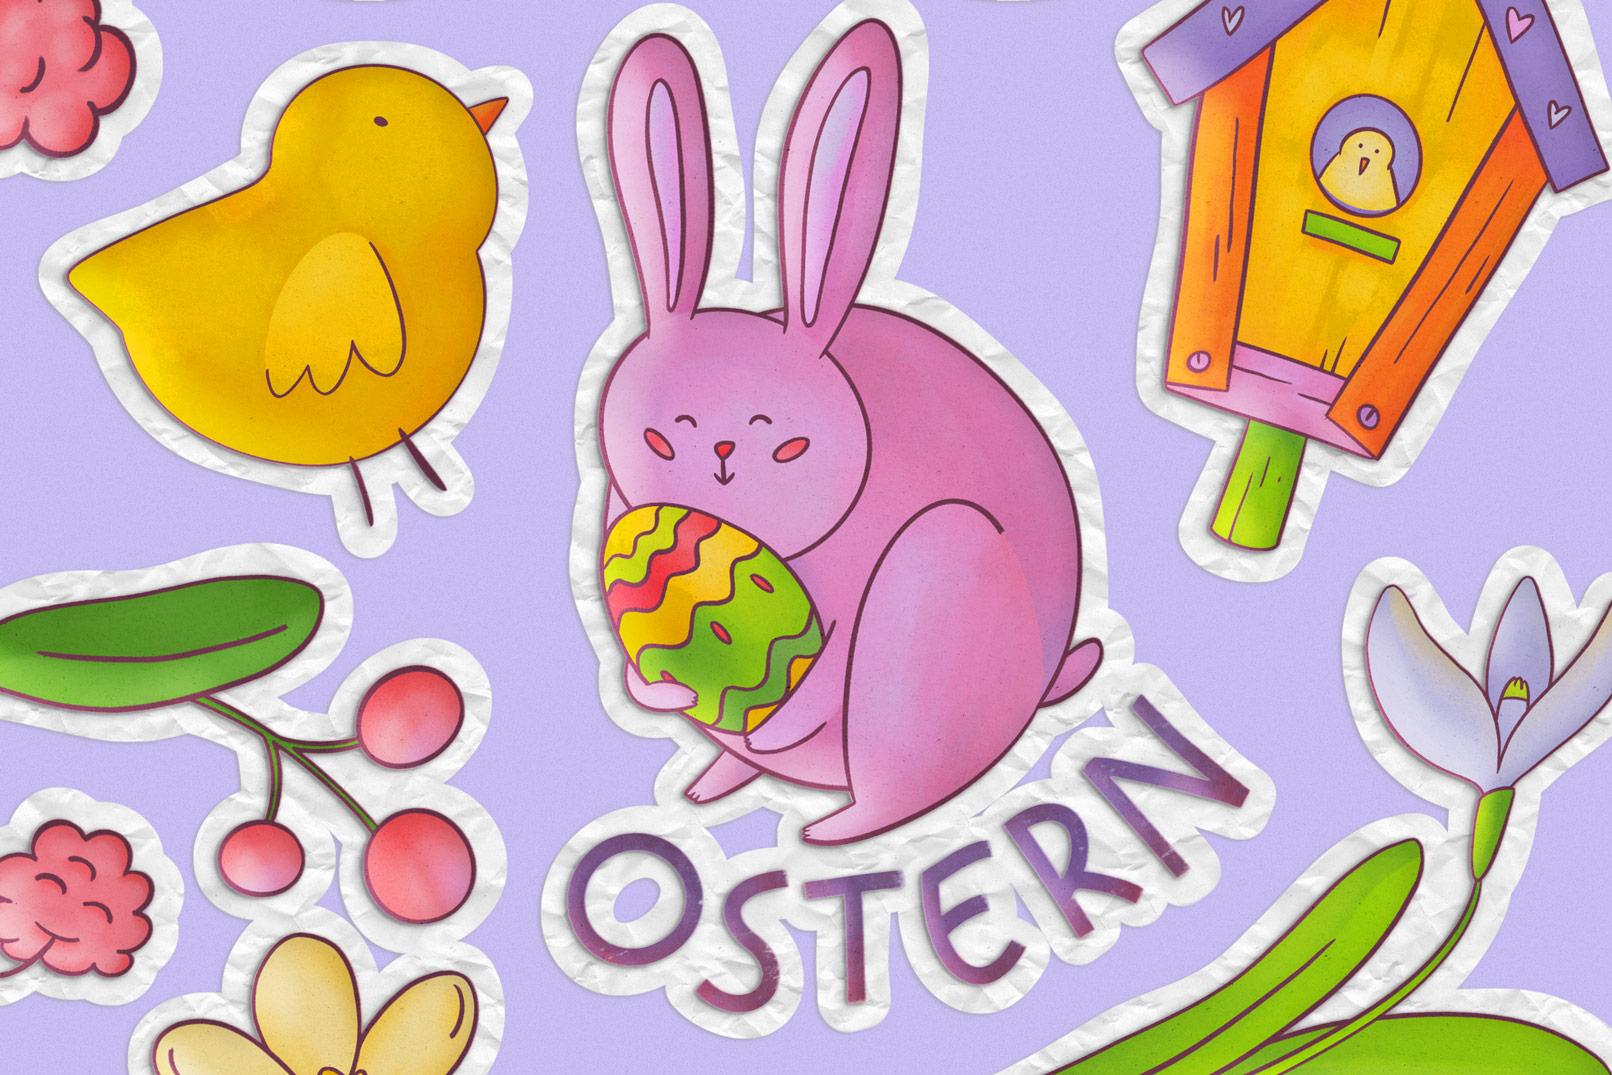 Grafiken für Ostern mit transparentem Hintergrund